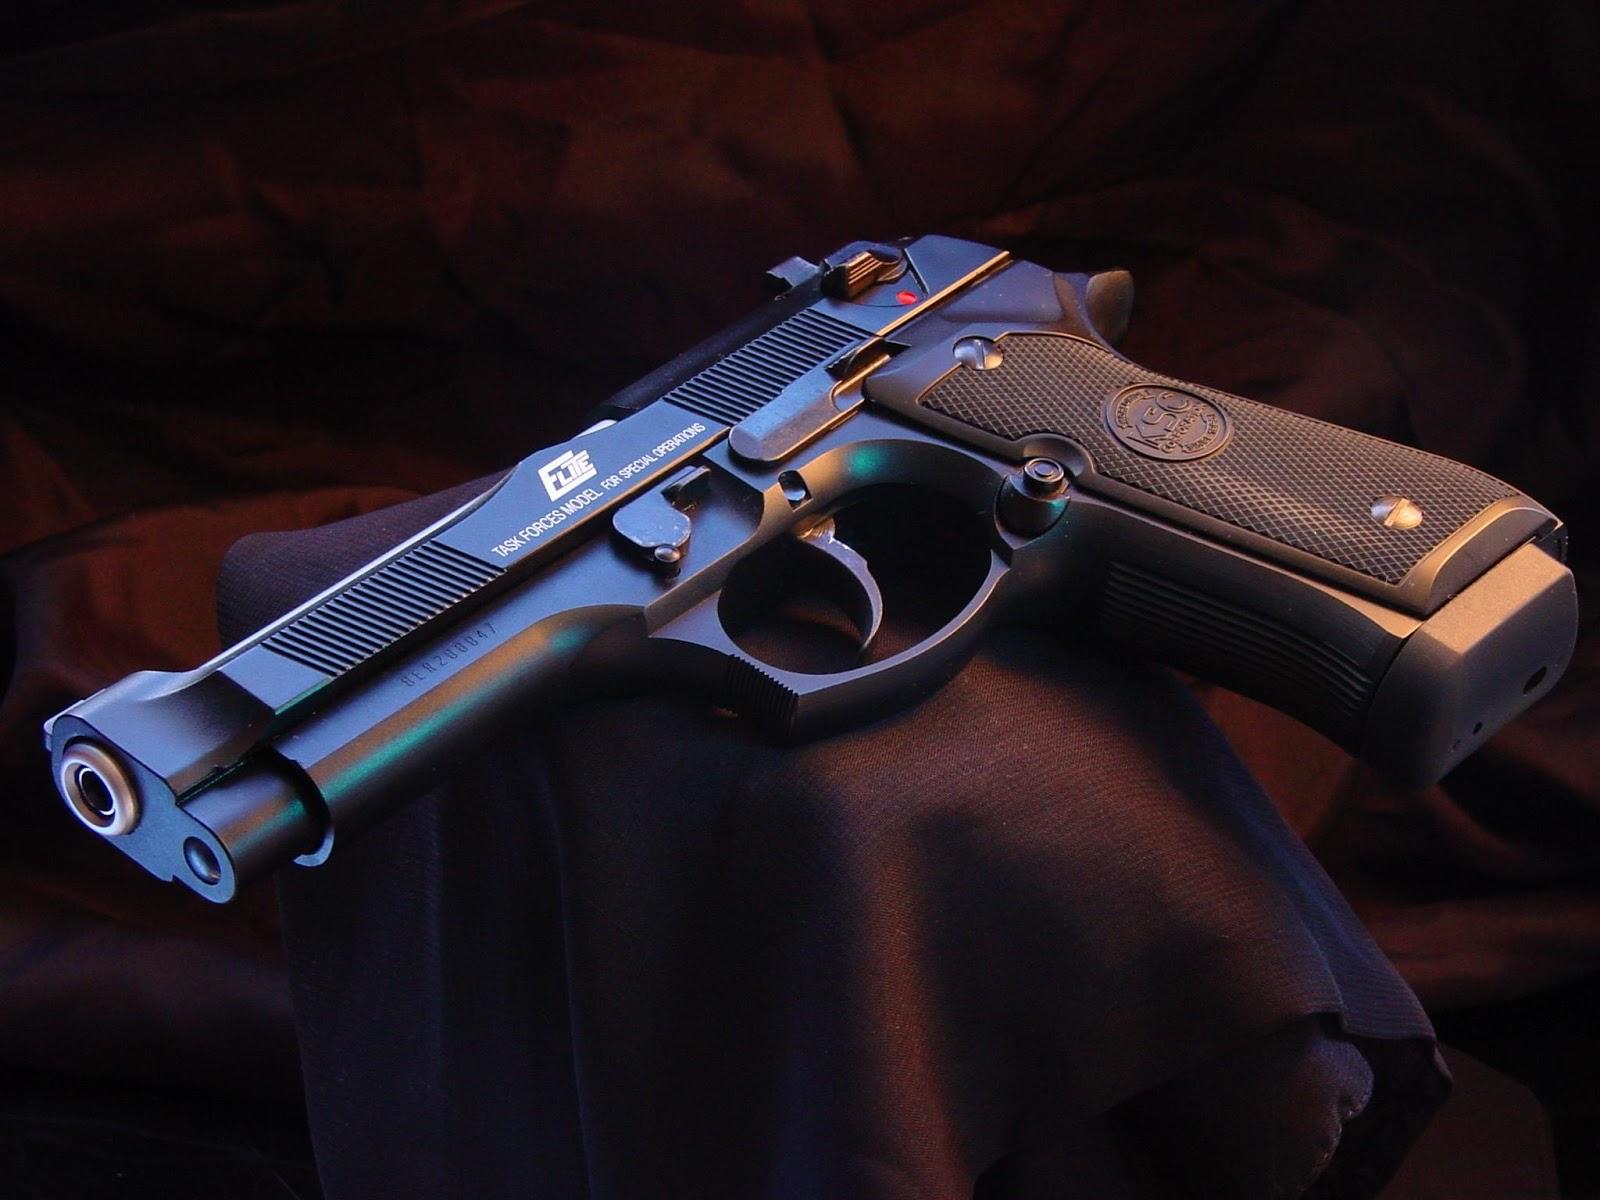 Guns Weapons Cool Guns Wallpapers 2 1600x1200